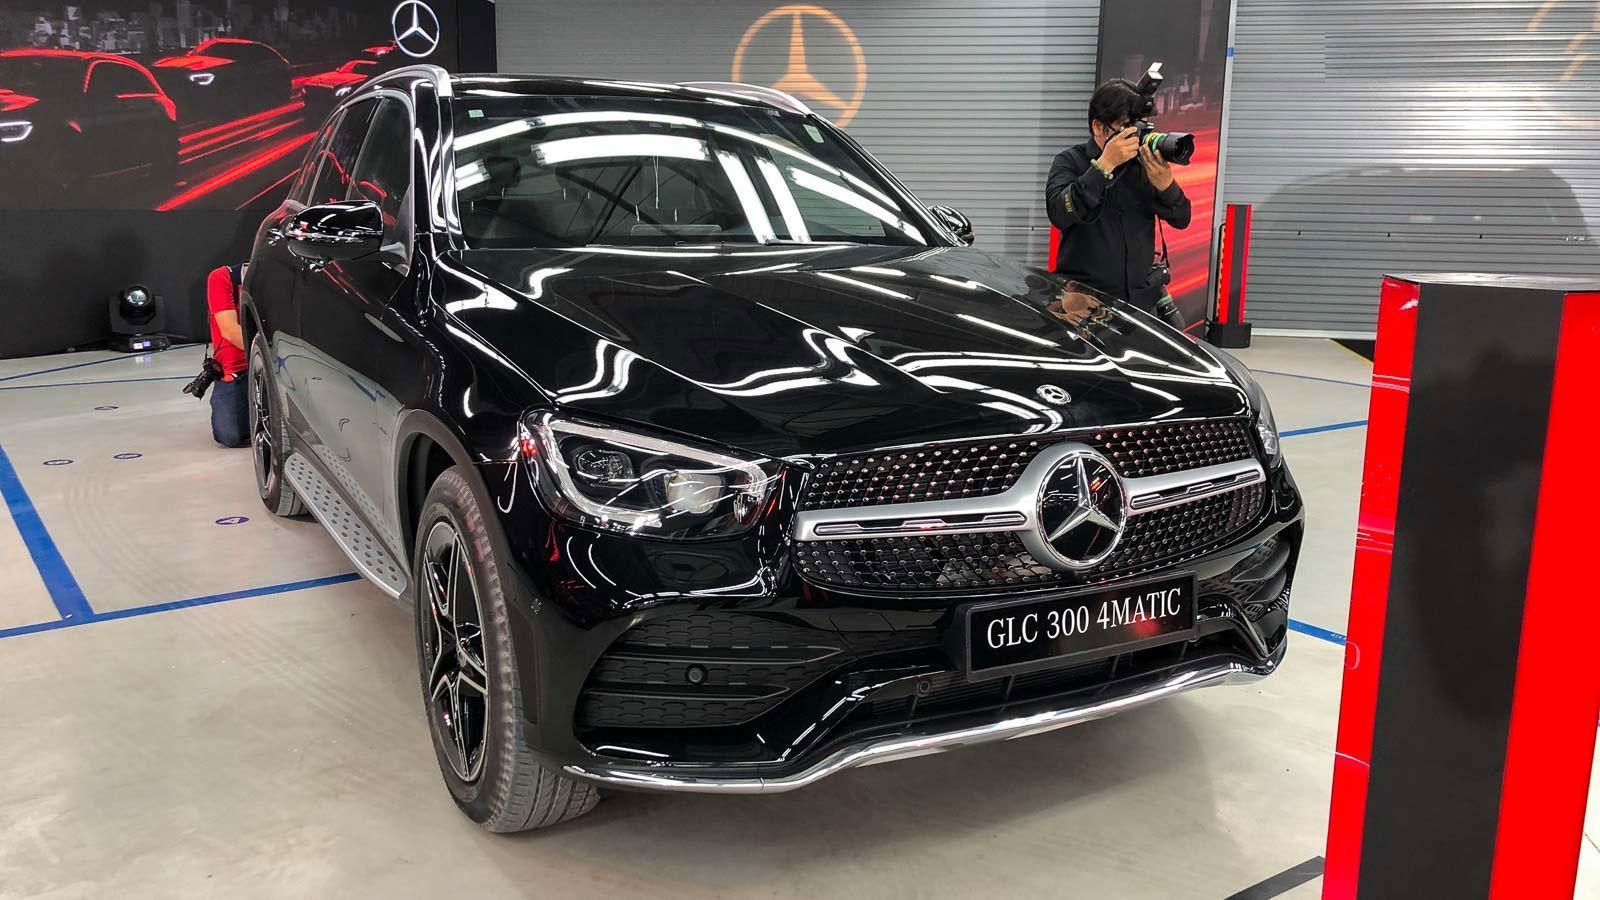 Xế Mercedes hơn 2 tỷ của Quang Hải có gì thu hút? Ảnh 1